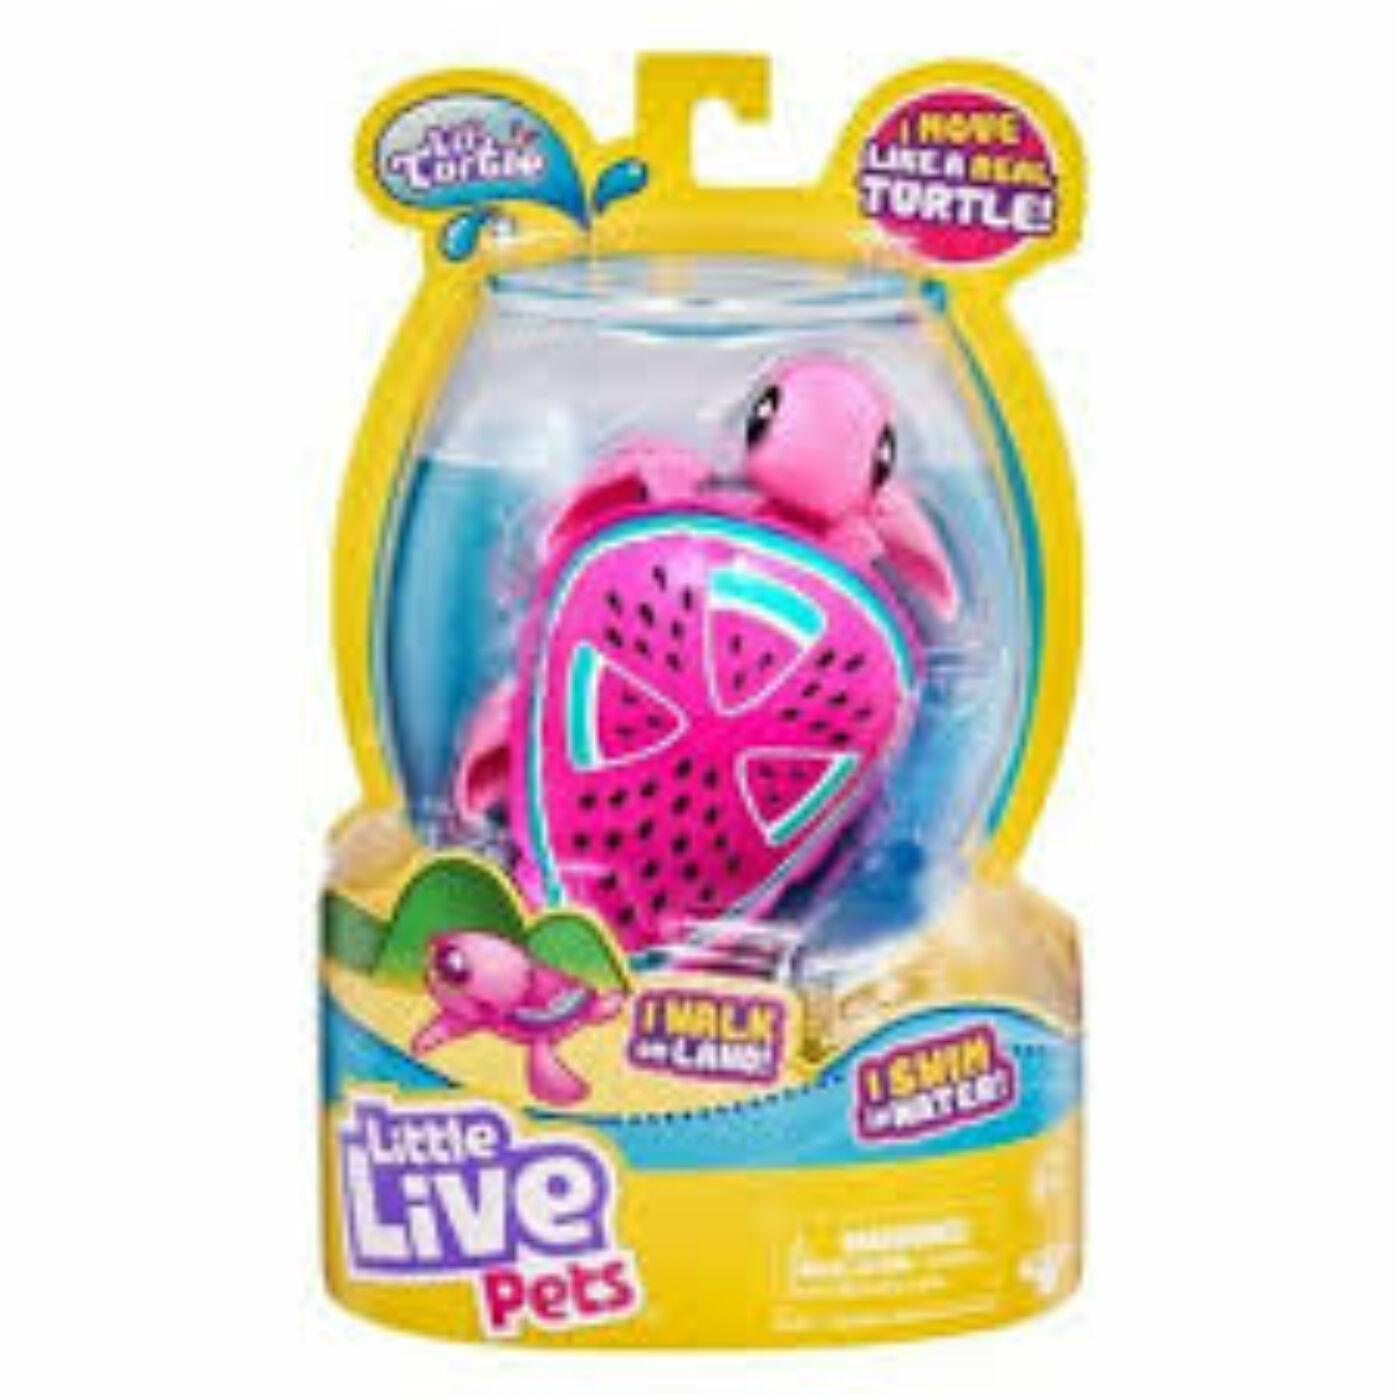 Little Live Pet - Úszkáló kisteknős